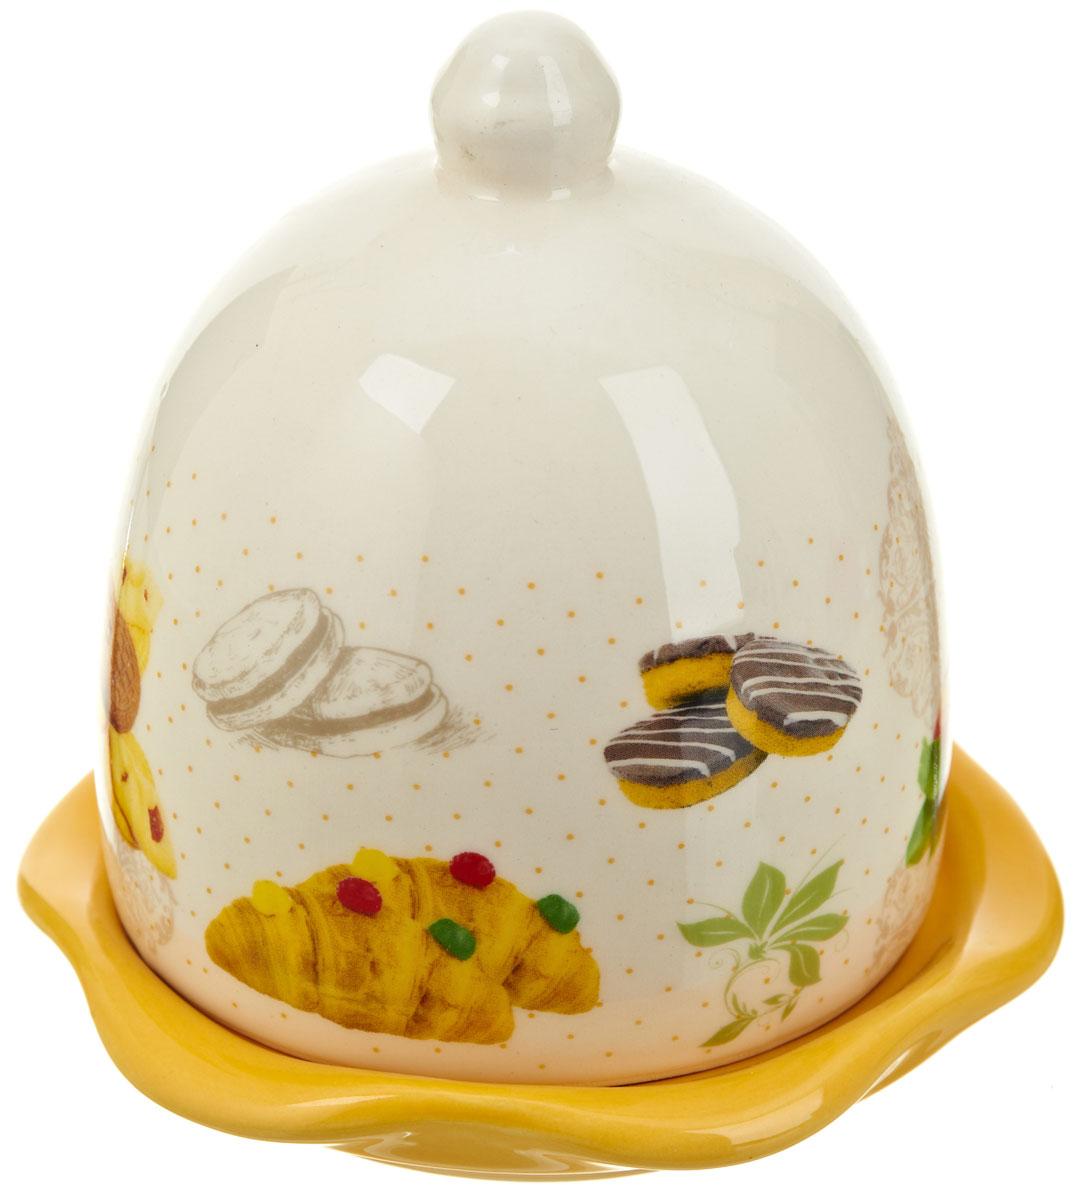 Лимонница Polystar ХлебL1581928Лимонница Хлеб выполнена из высококачественной керамики и состоит из блюдца и крышки. Оригинальный дизайн, несомненно, придется вам по вкусу. Лимонница Хлеб поможет сохранить свежесть лимона на длительный срок.